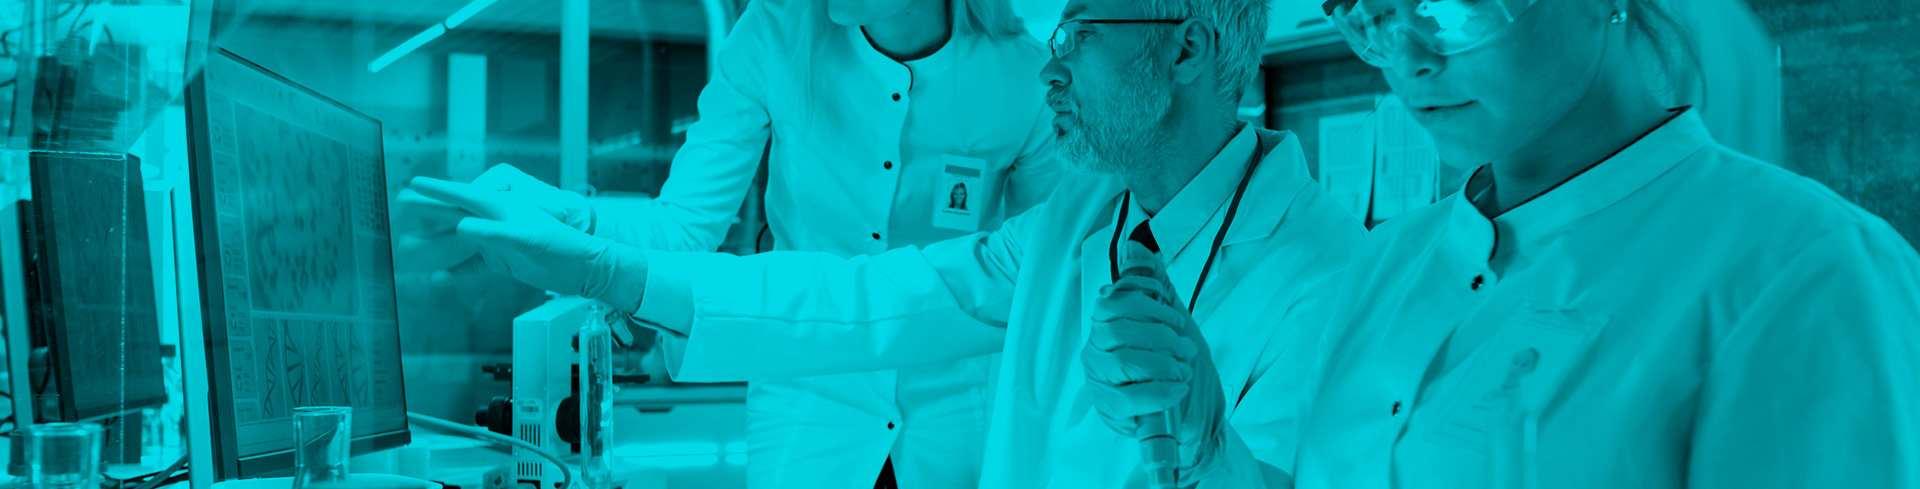 Curso Gestión y control de la calidad en el laboratorio